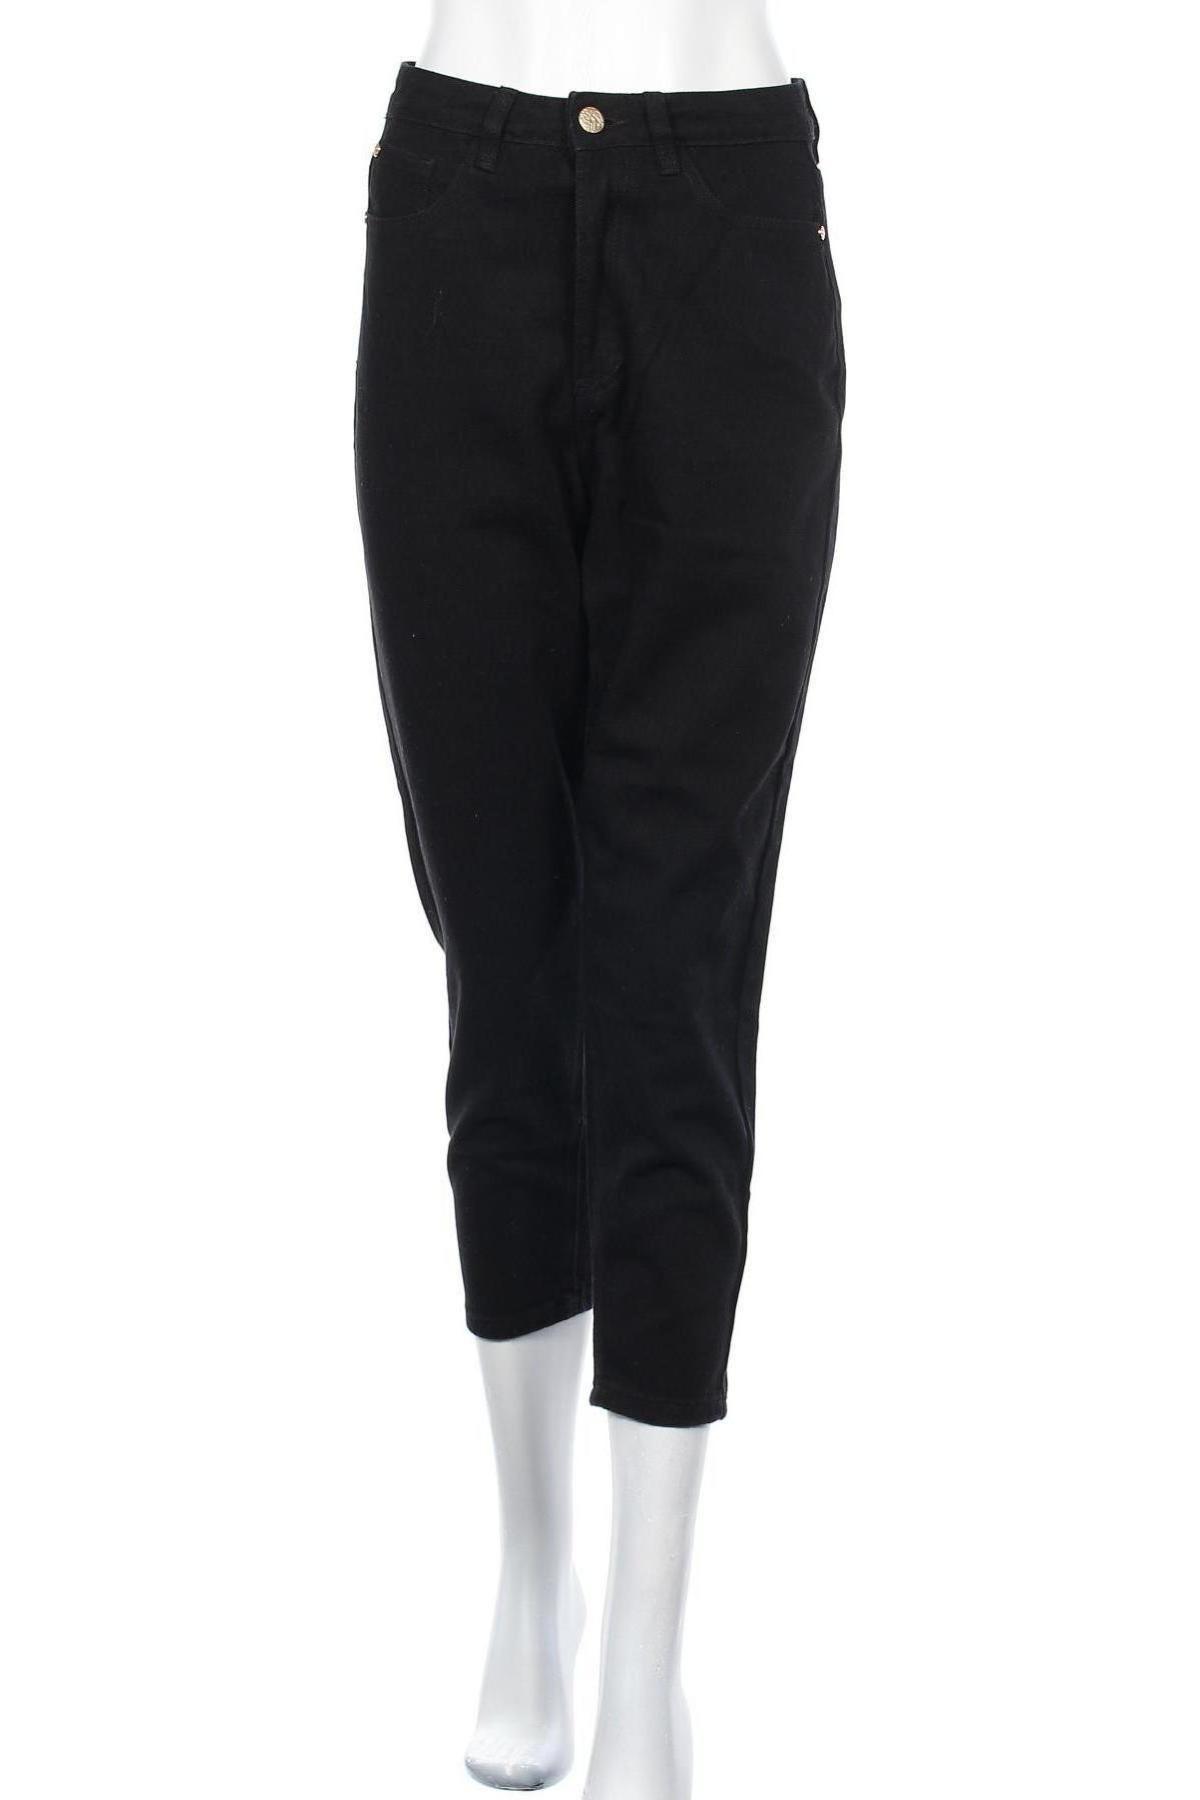 Дамски дънки Missguided, Размер S, Цвят Черен, 70% памук, 30% полиестер, Цена 17,00лв.